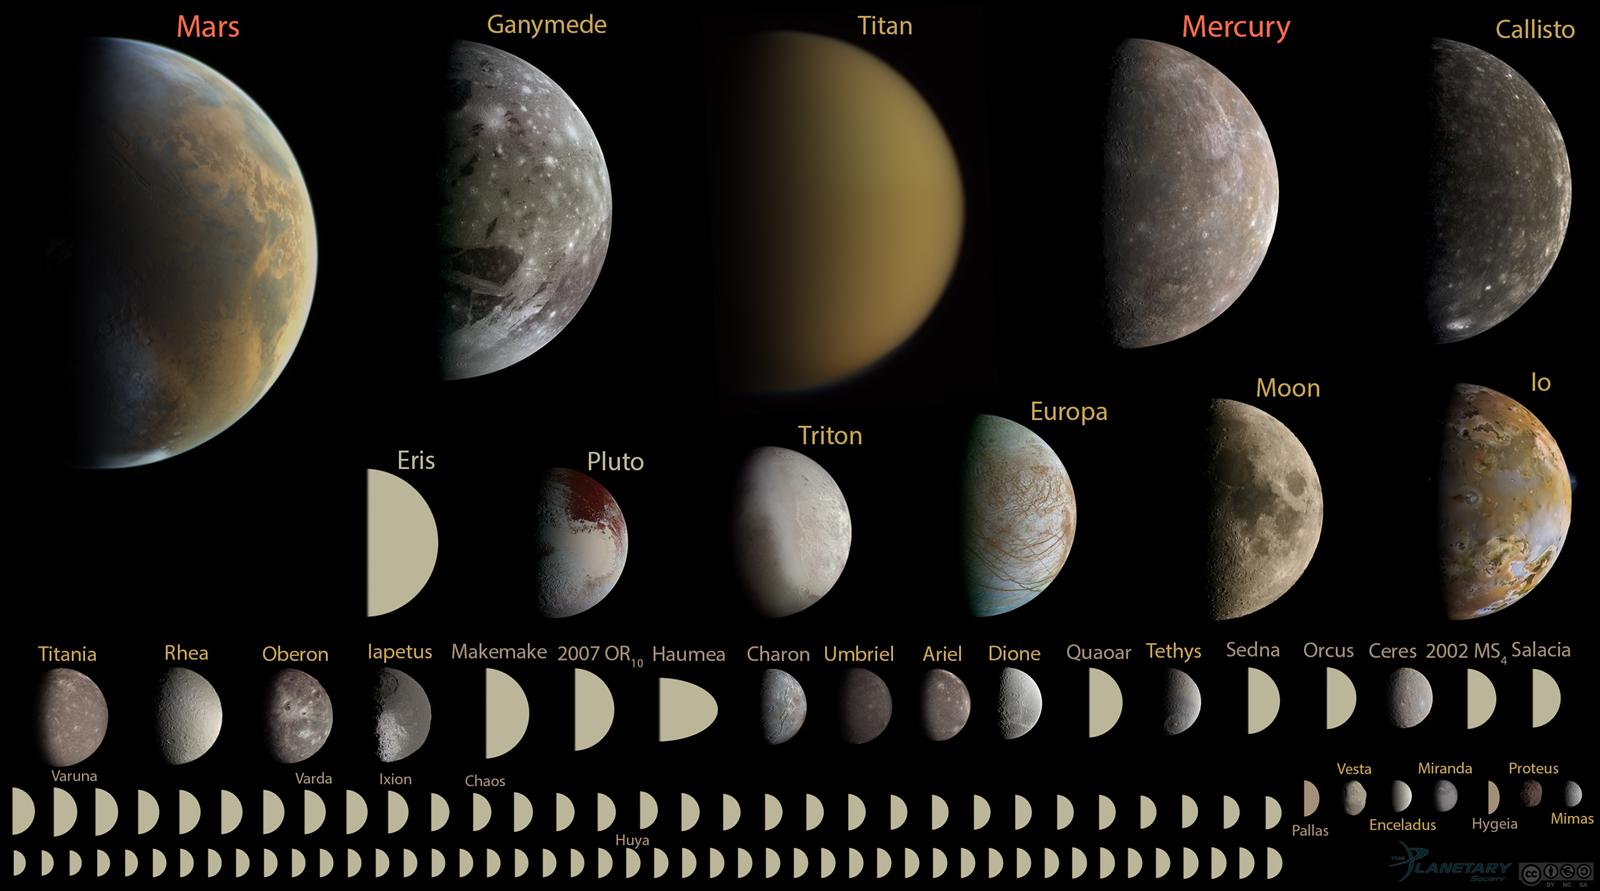 En tentant de redonner l'ancien statut de Pluton, des astronomes pourraient enrichir notre système solaire de 110 planètes